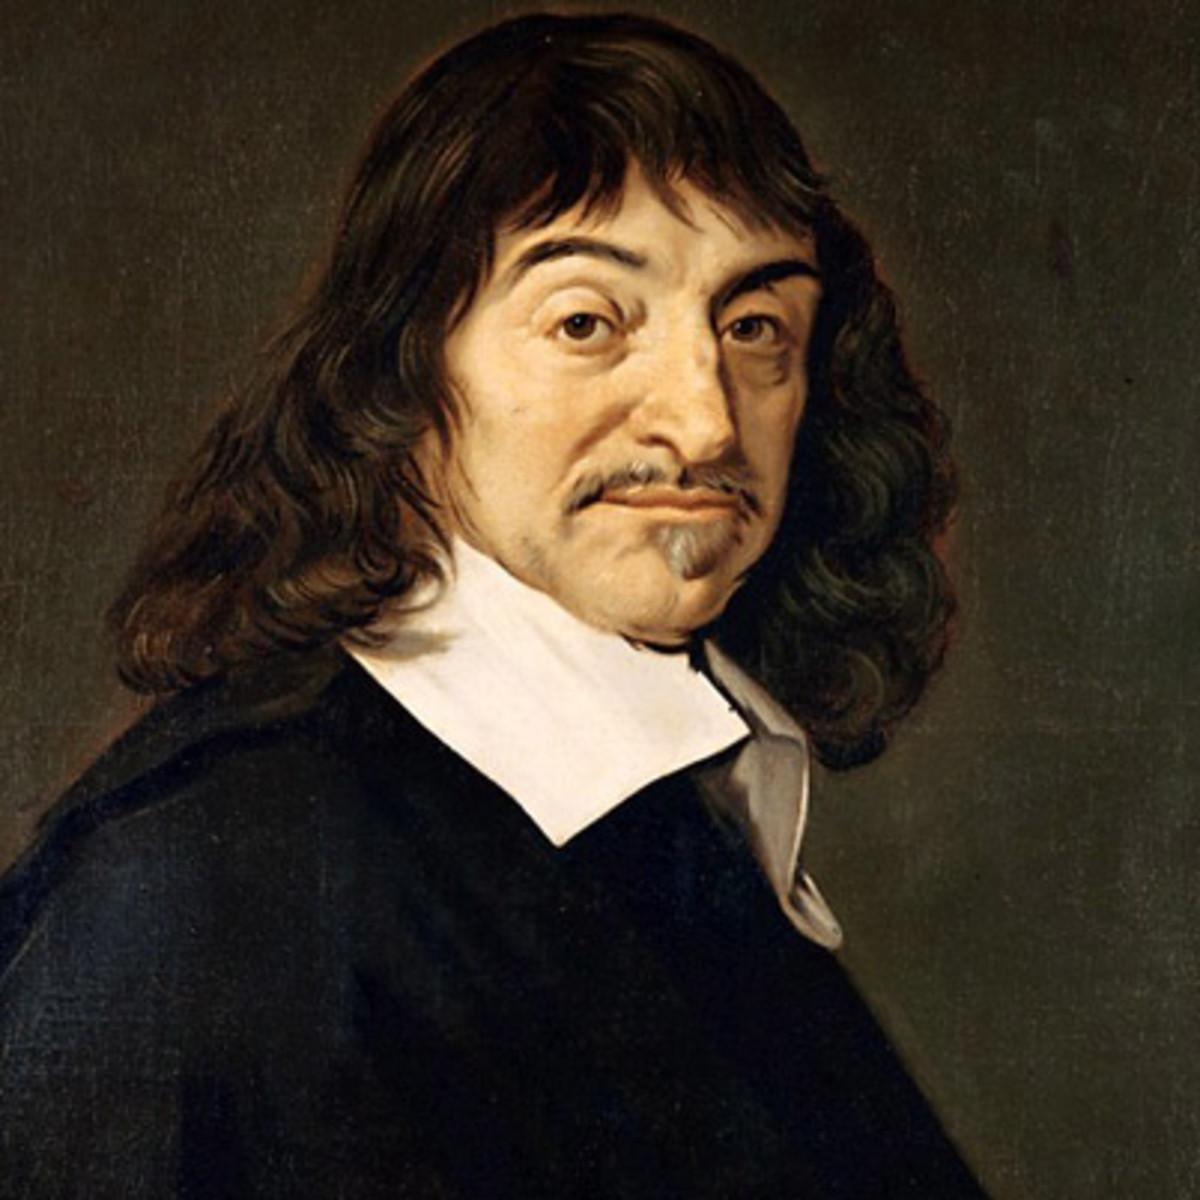 ¿Por qué Descartes fue tan importante? Repasamos algunas de sus aportaciones